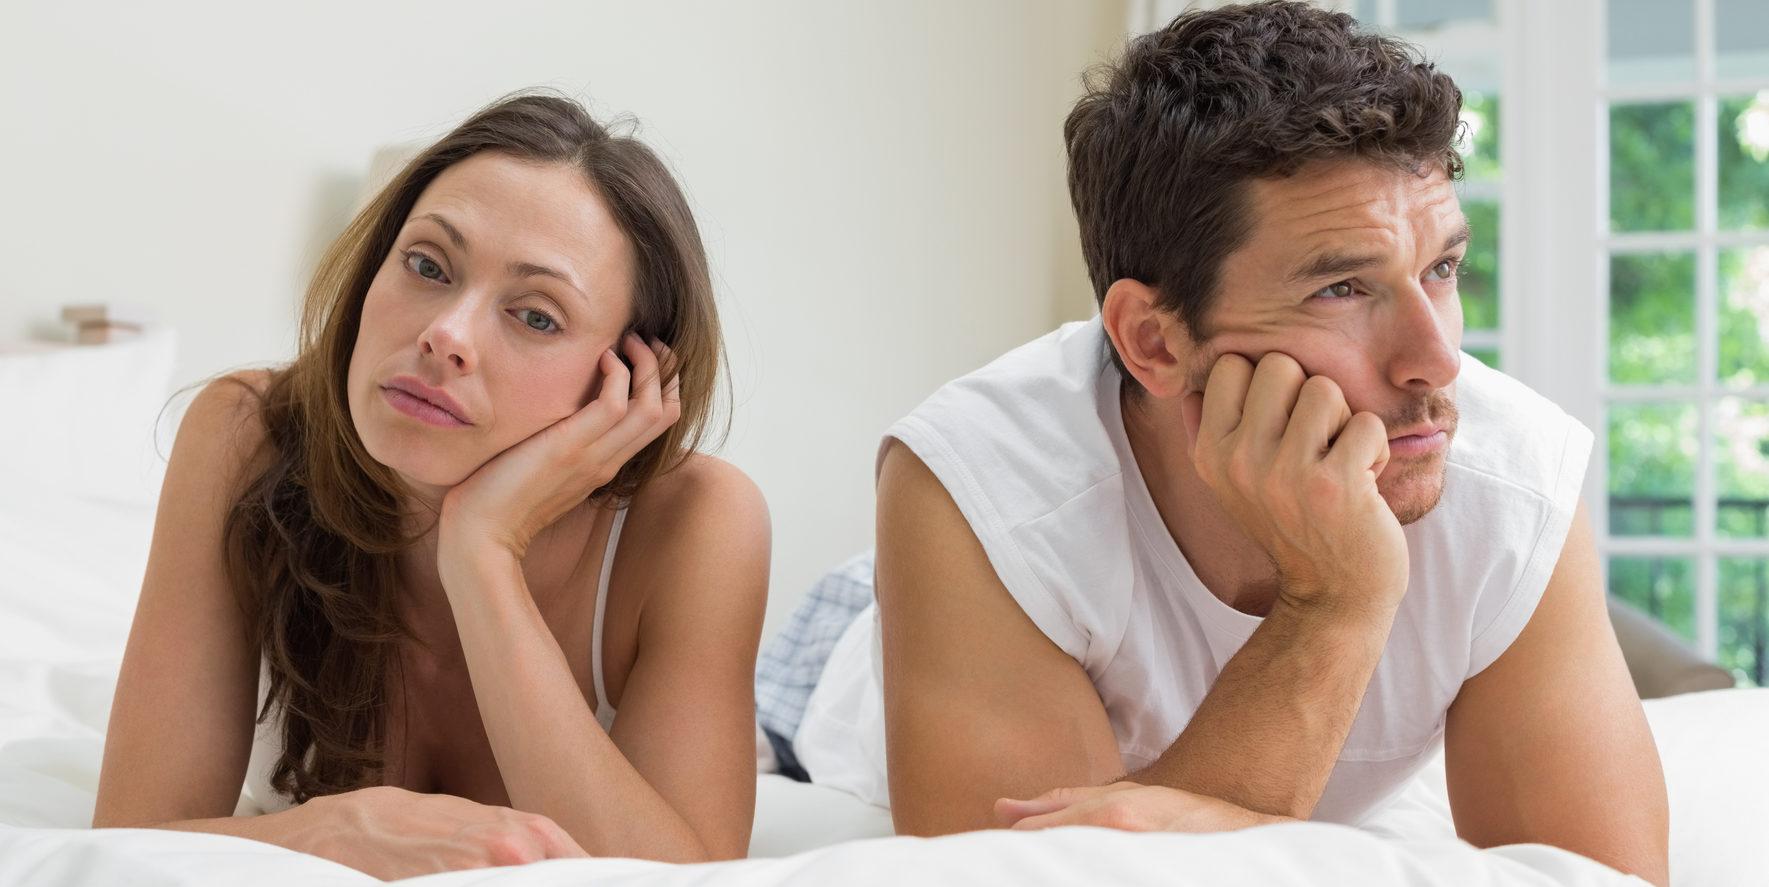 Předčasná ejakuláce doporučení lékařů